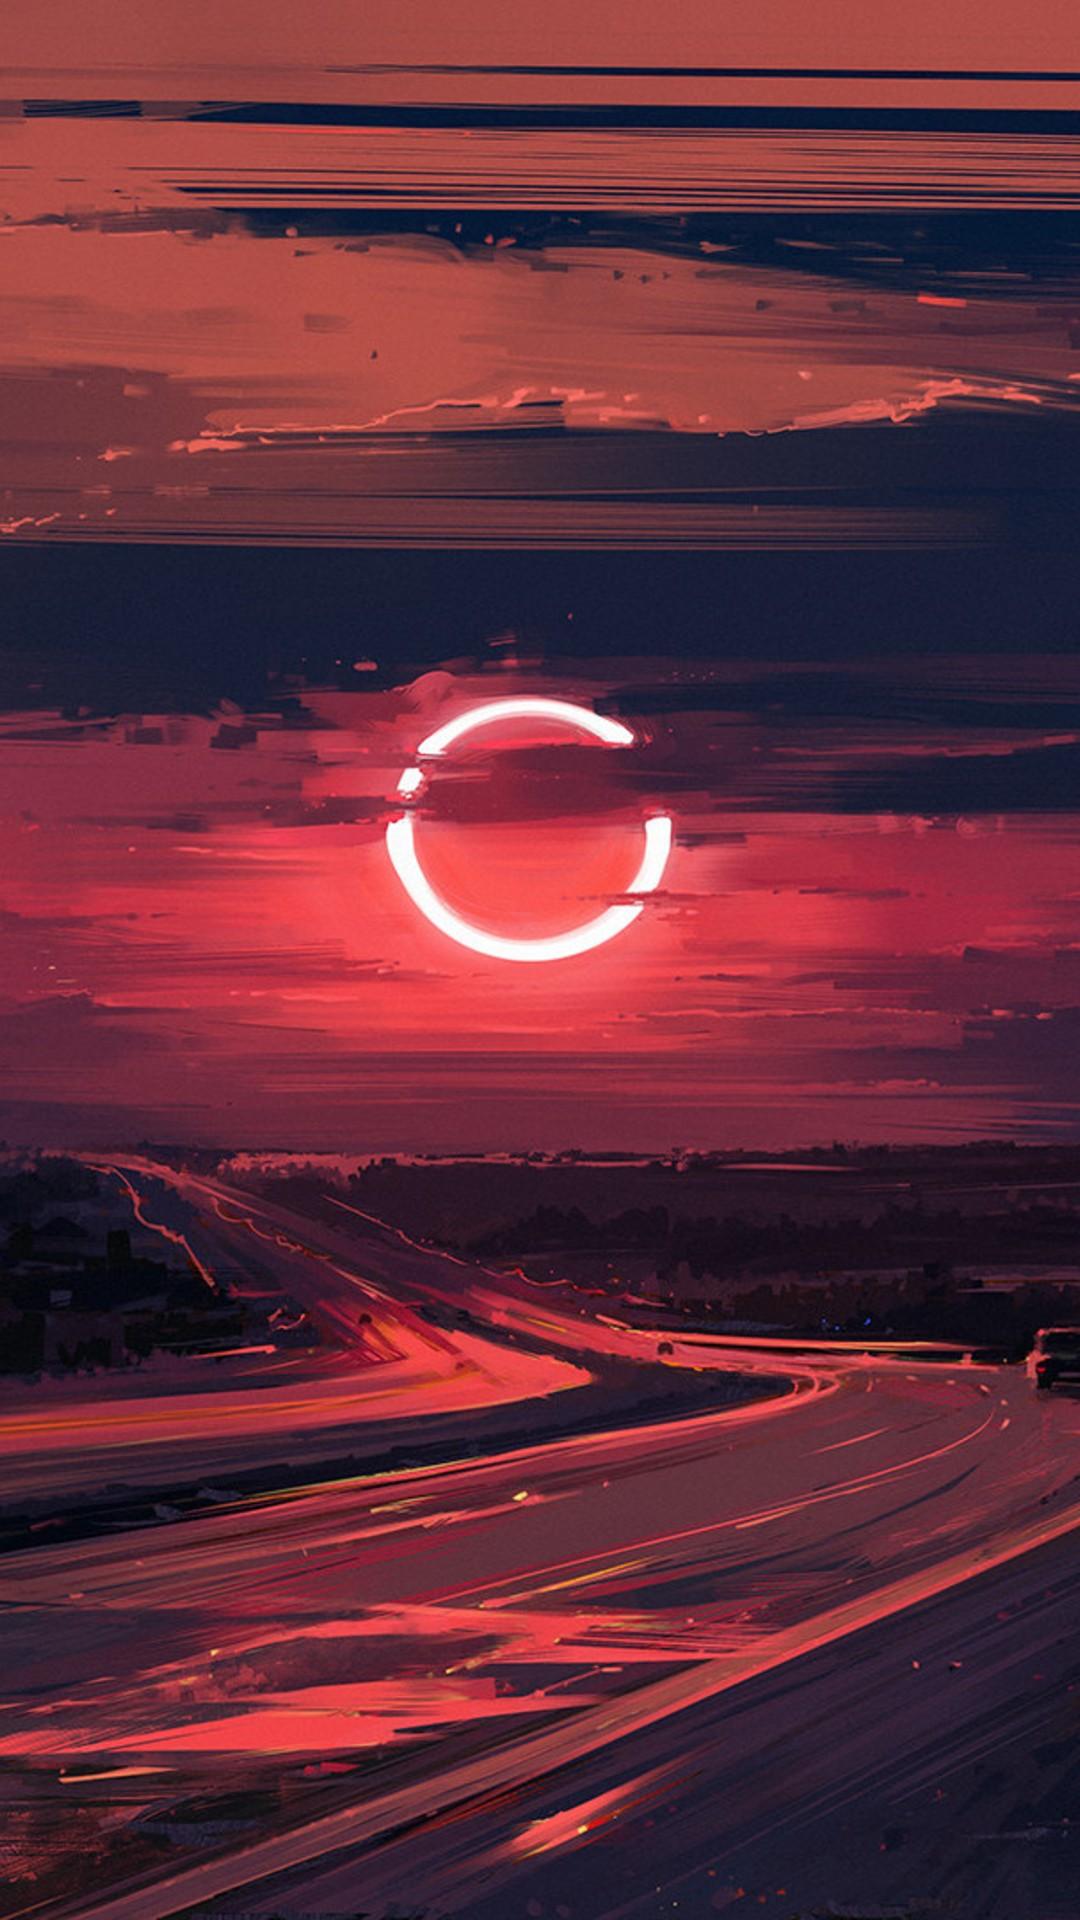 League Of Legends Iphone X Wallpaper Cloud Eclipse Evening Moon Ut Wallpaper 1080x1920